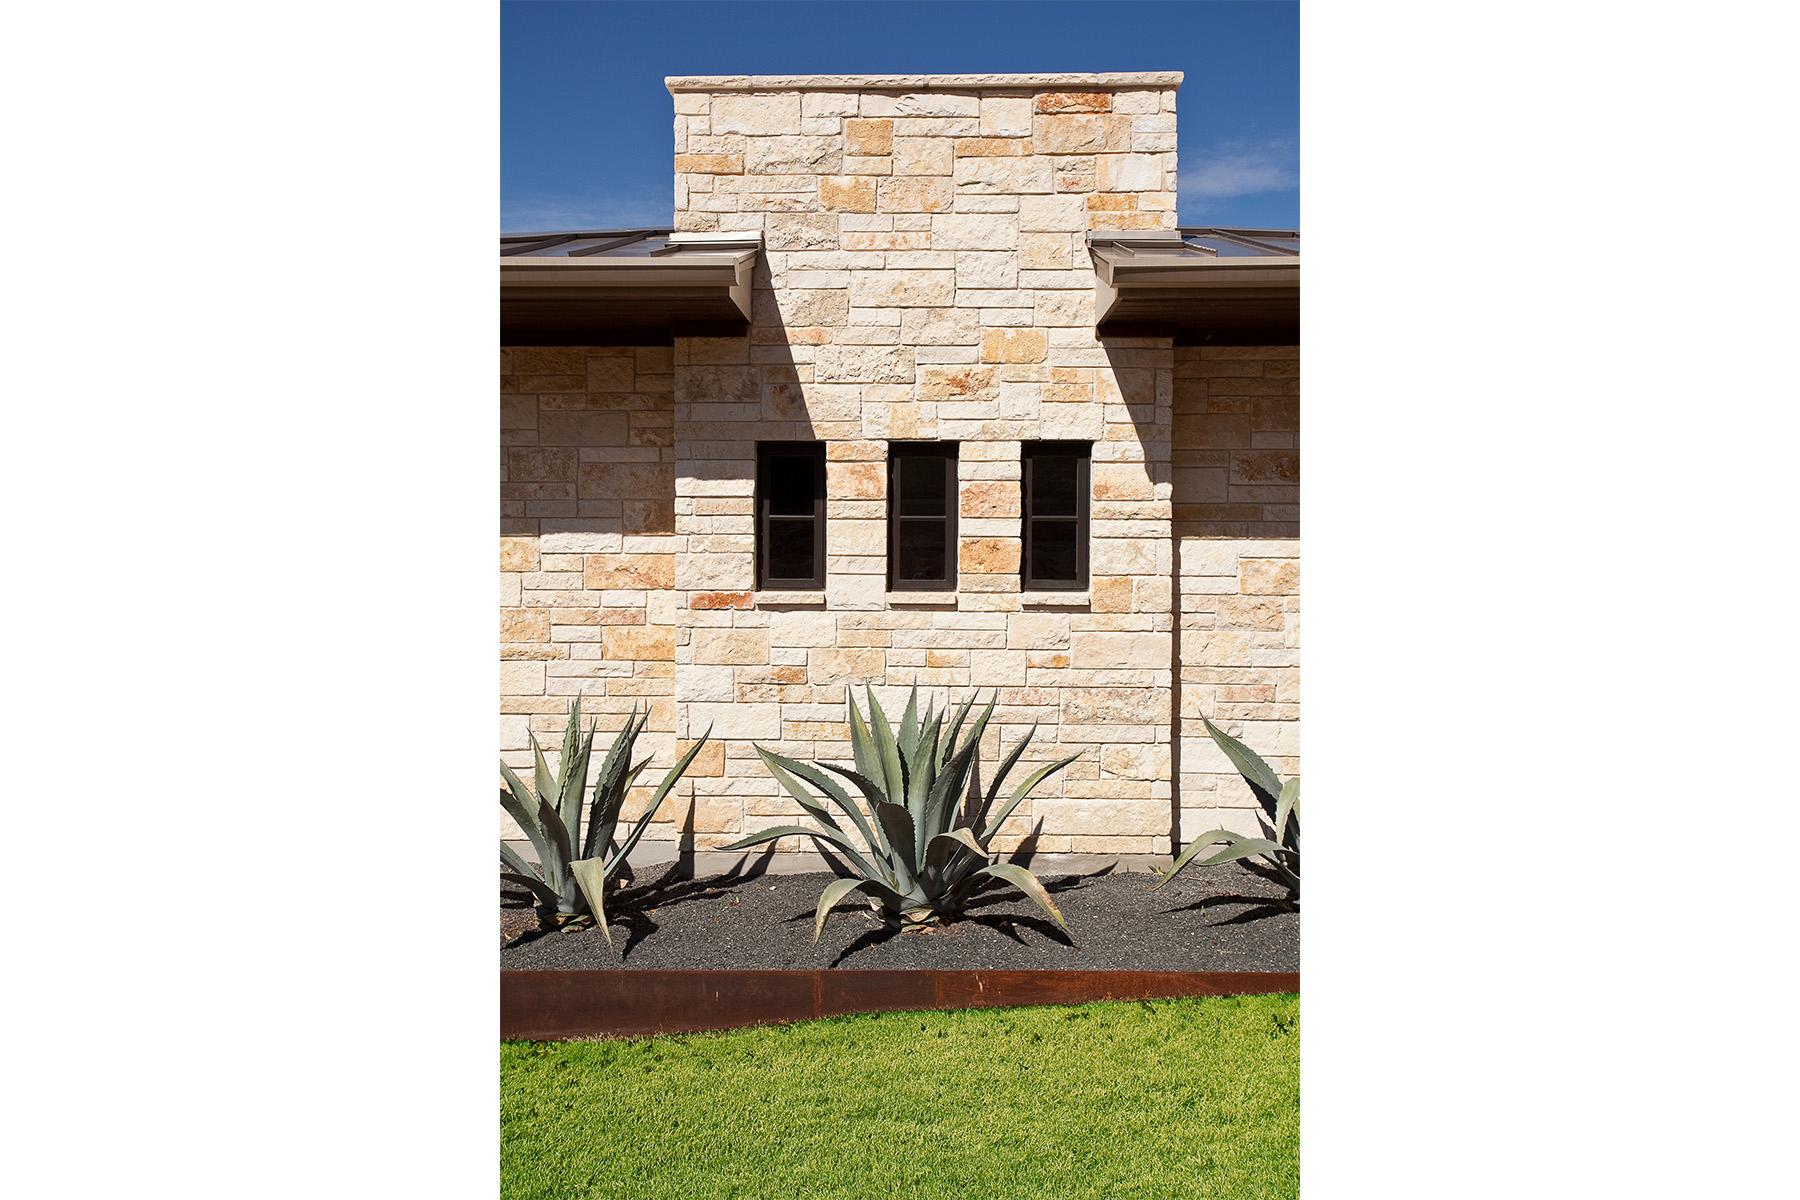 barton-creek-residence-front-exterio